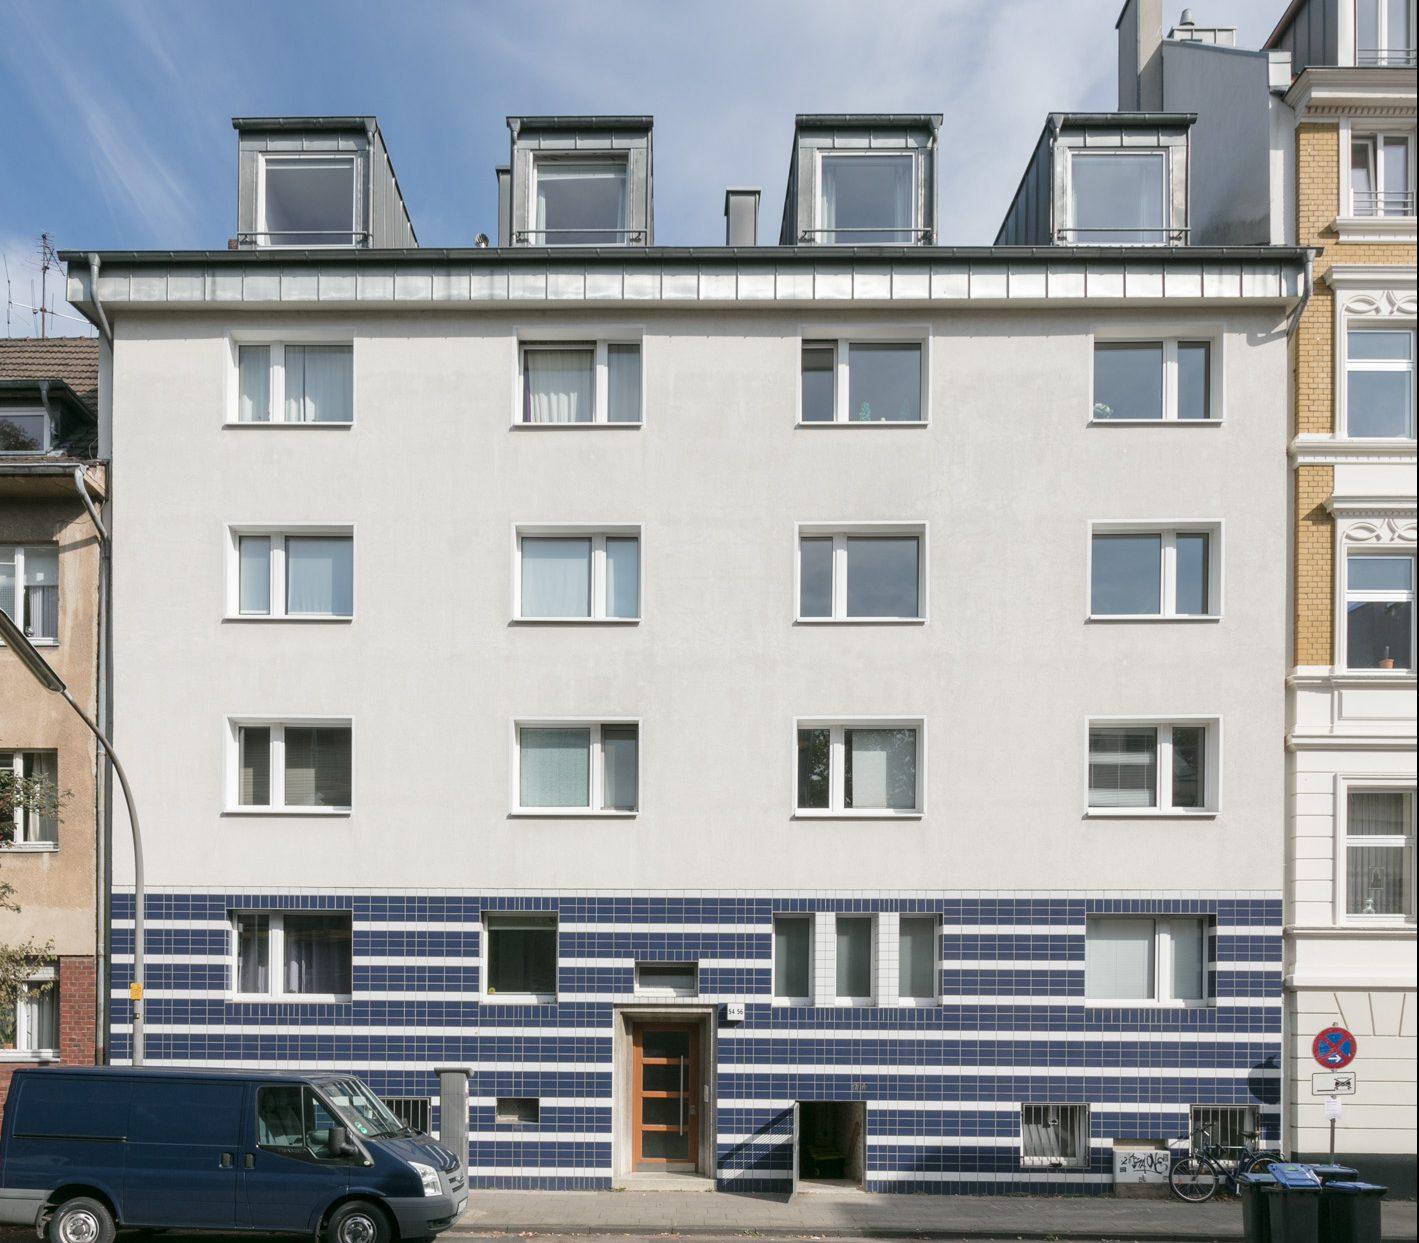 Mauenheimer Str. 54 - 56 | Kölner Wohnungsgenossenschaft